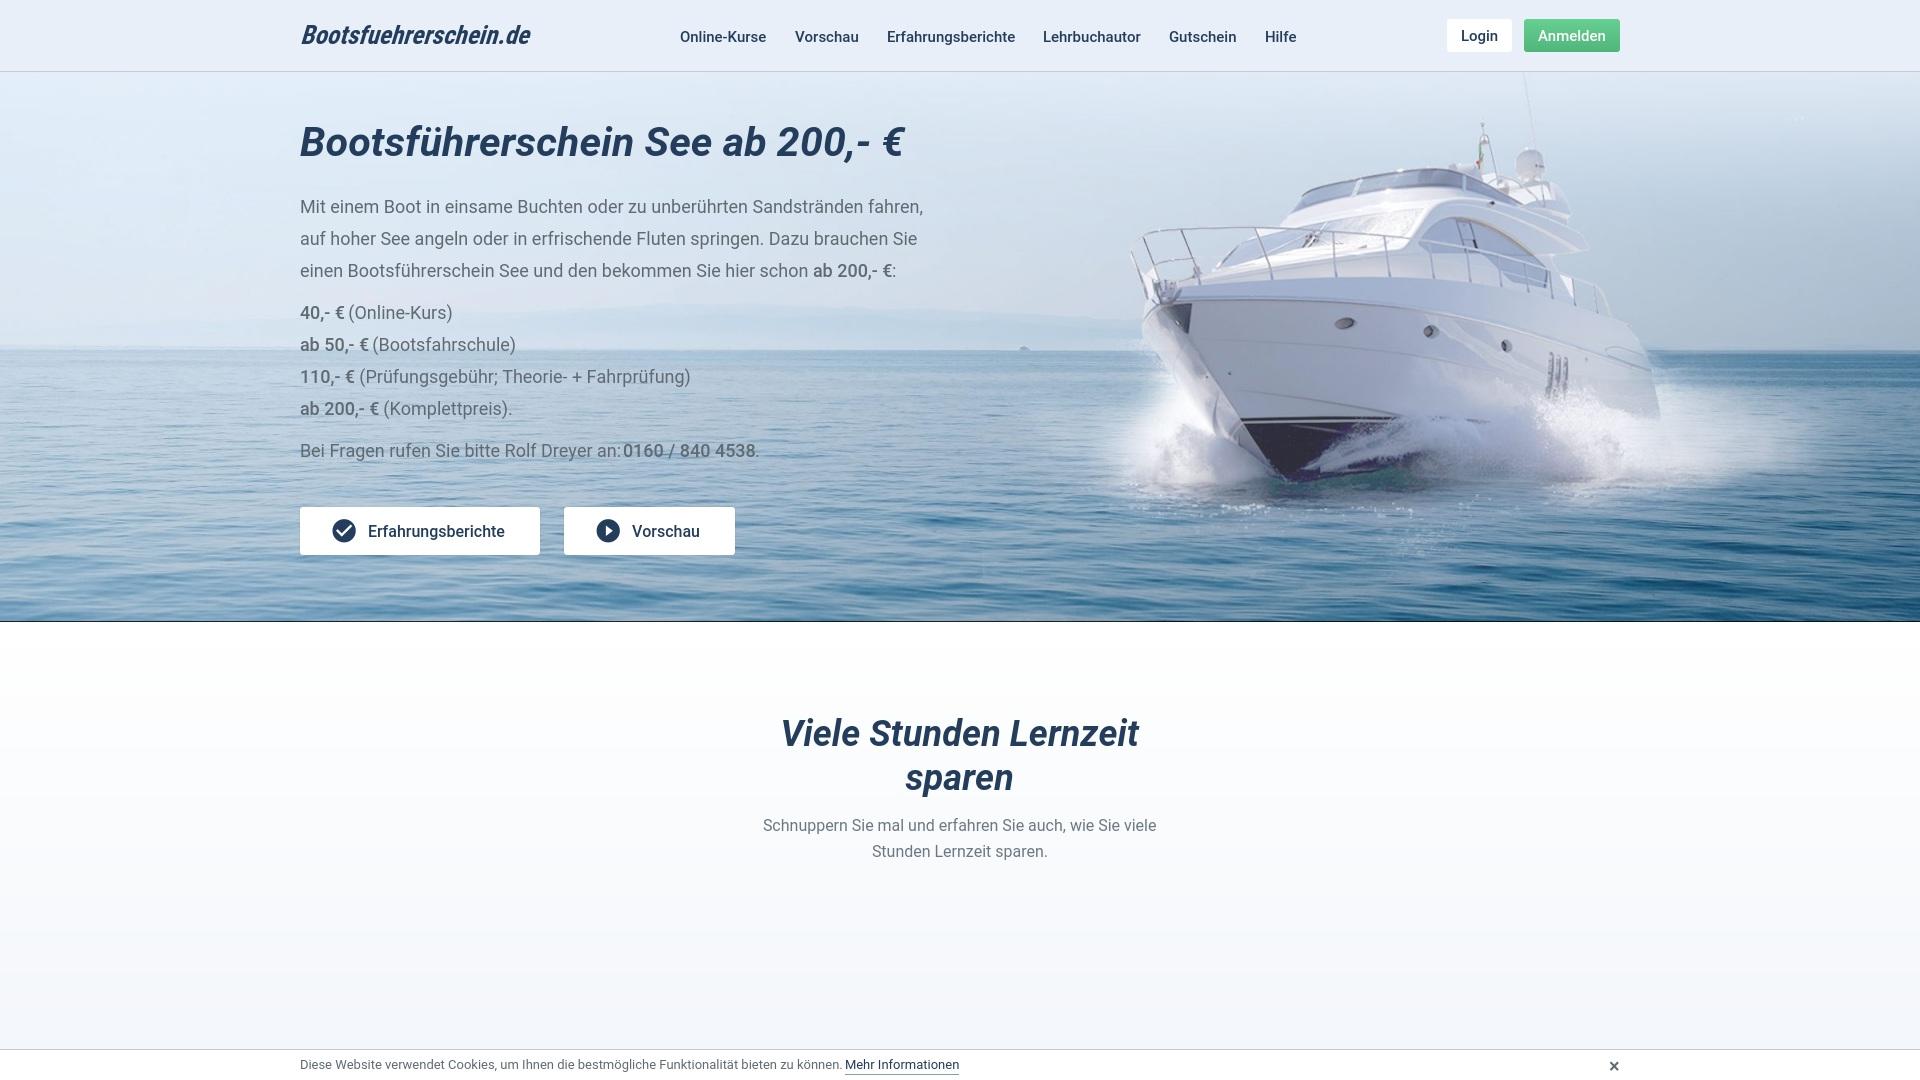 Gutschein für Bootsfuehrerschein: Rabatte für  Bootsfuehrerschein sichern